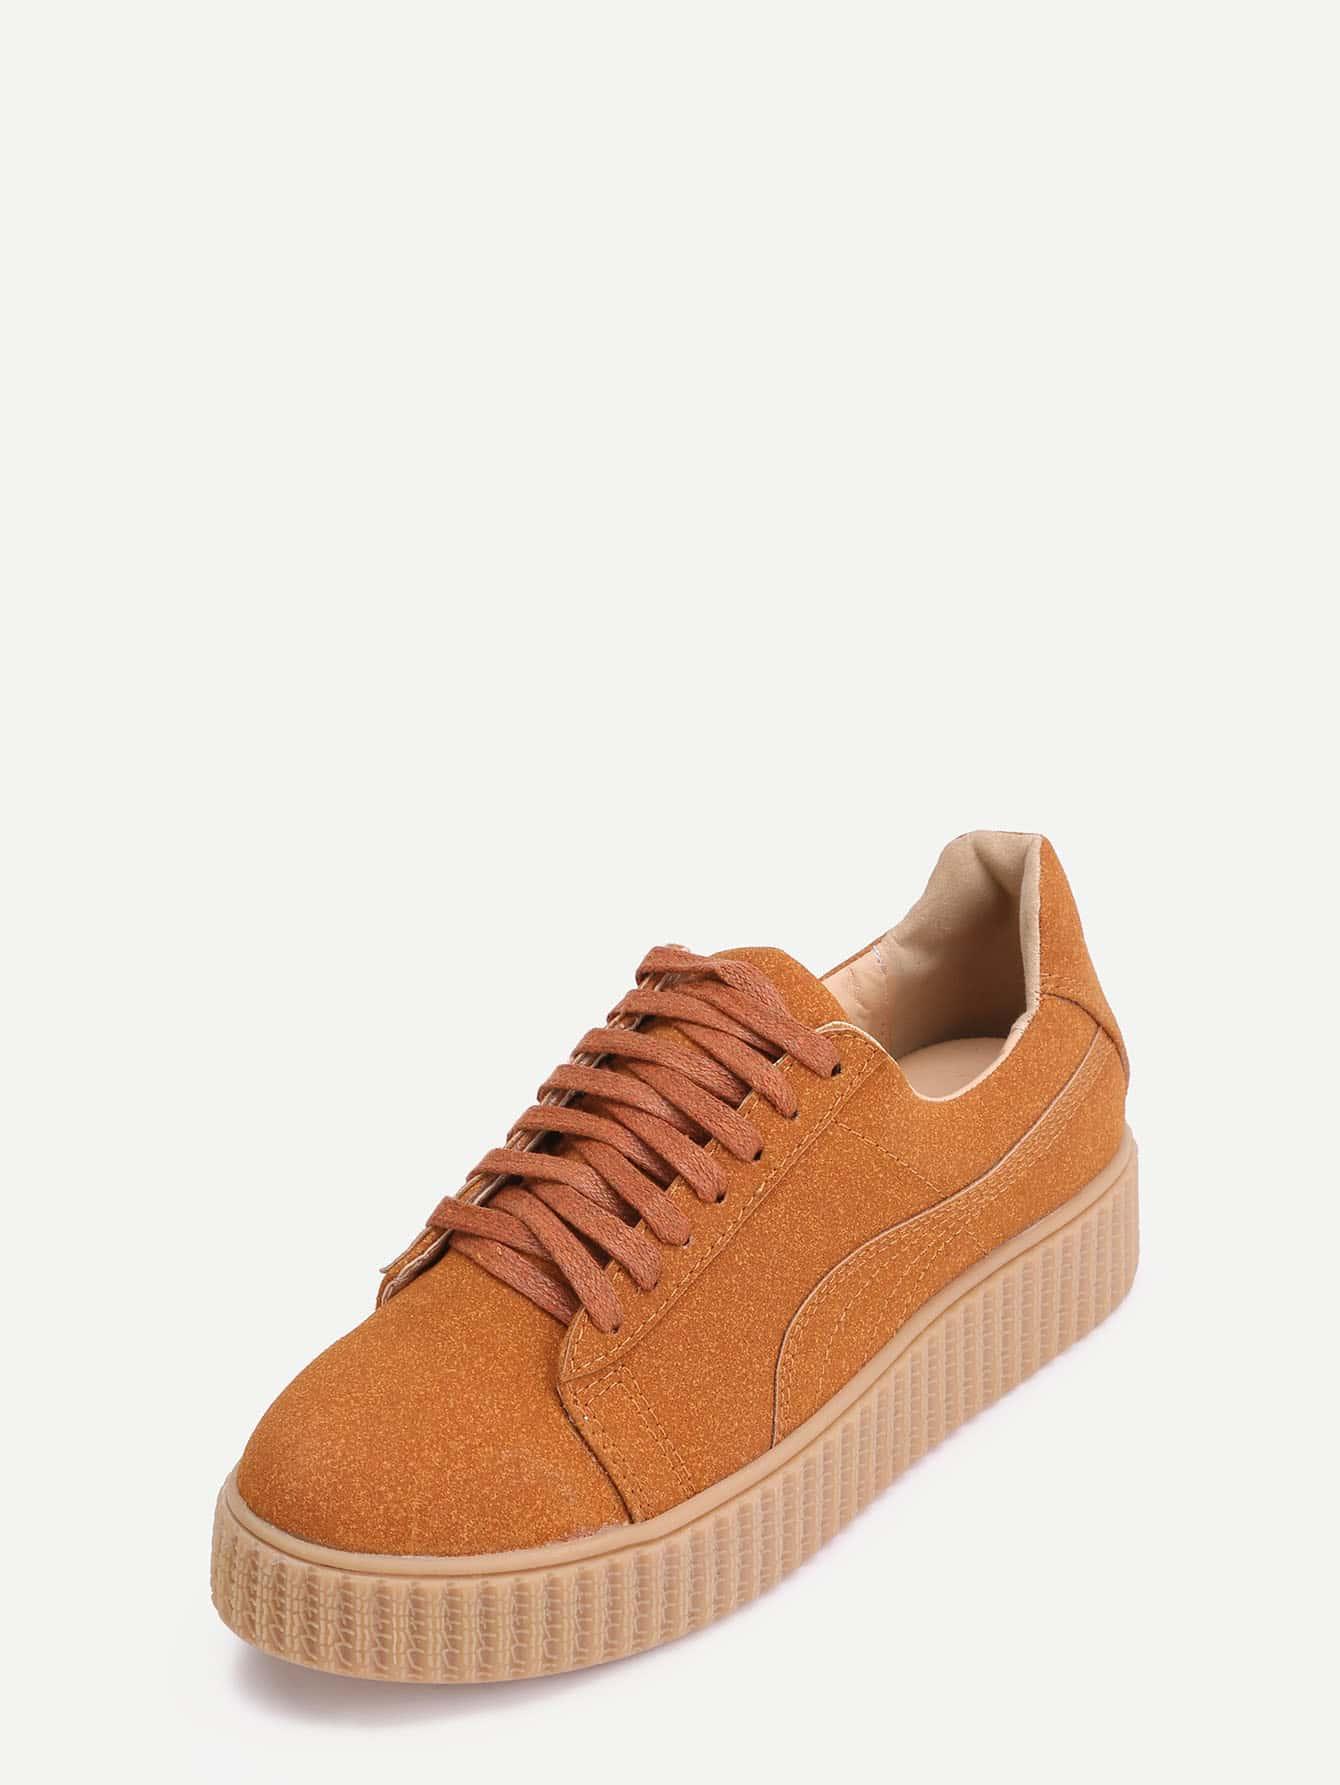 shoes160913903_2